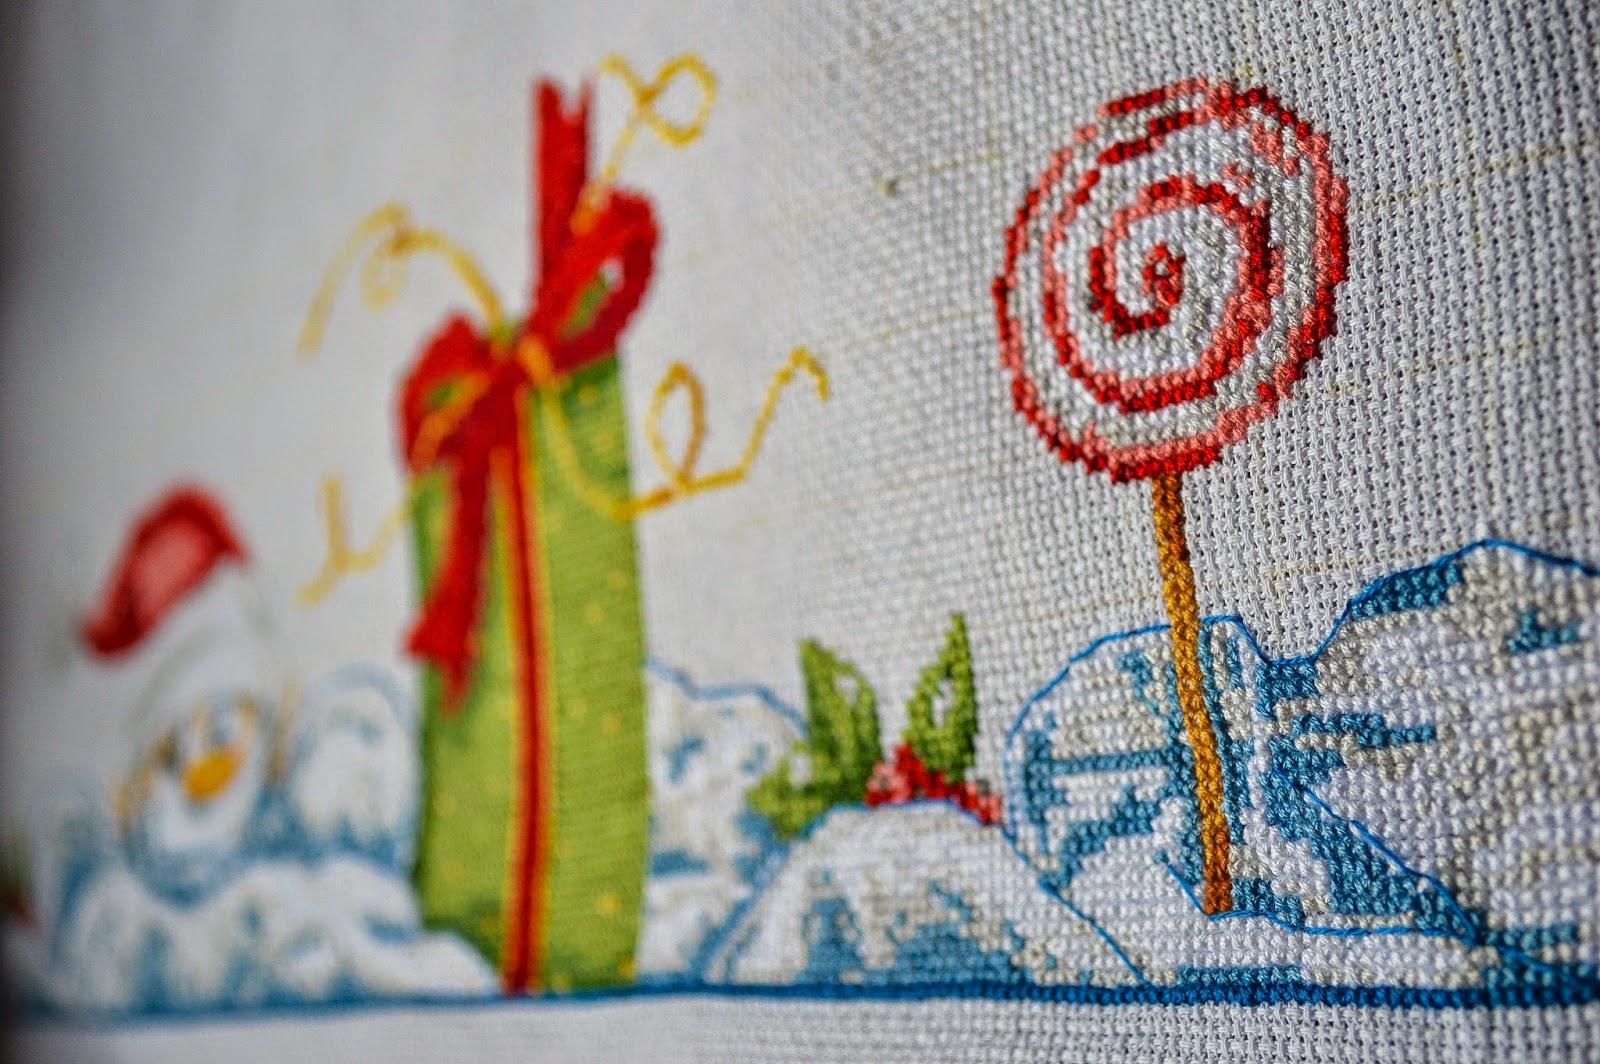 Вышивка скатерти на заказ коллекция схем - Промвышивка 73